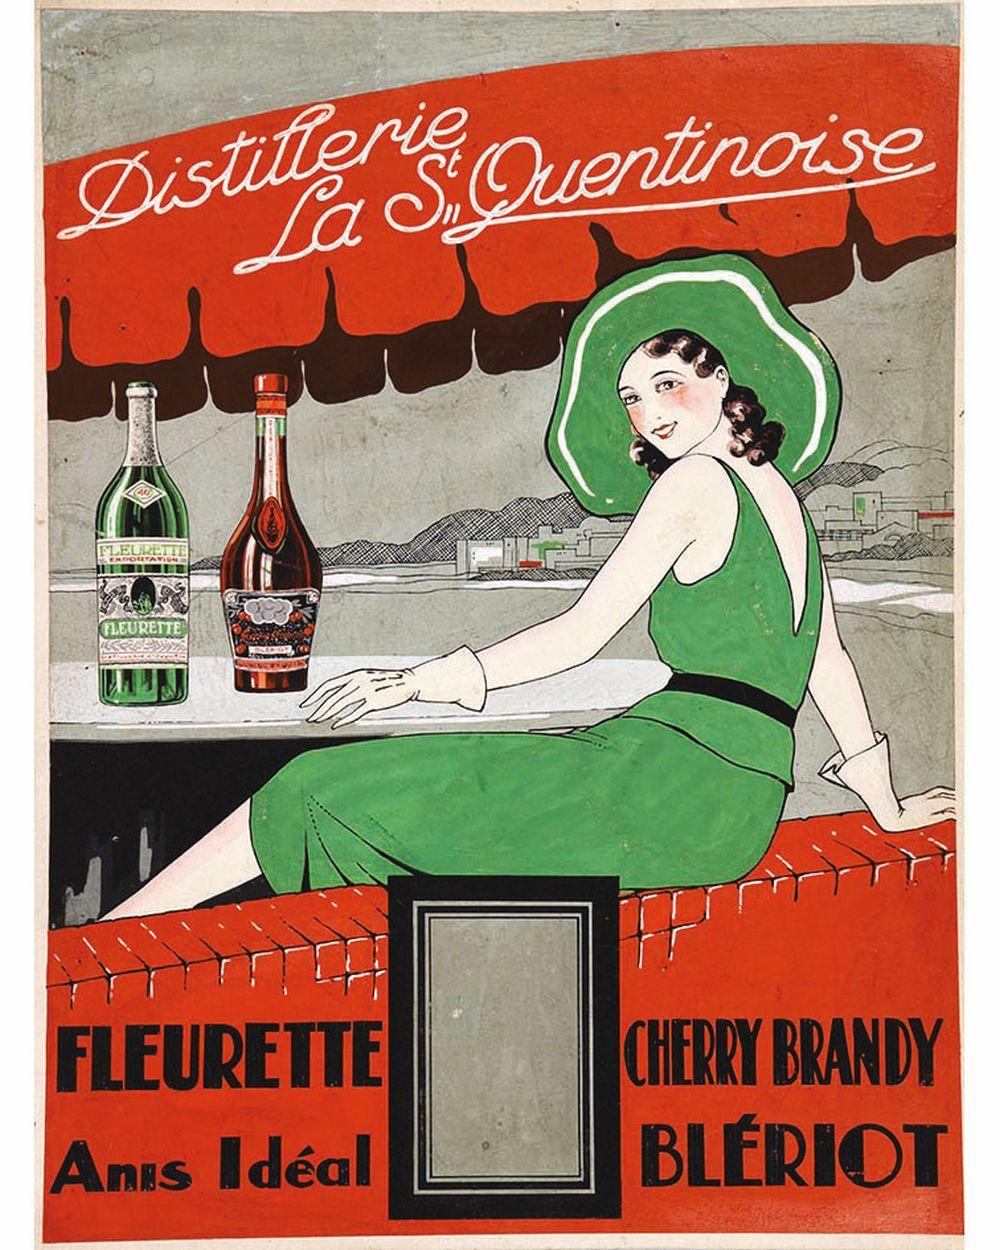 Blériot - Distillerie La St Quentinoise Fleurette -  Anis idéal - Cherry Brandy - Blériot. Gouache     vers 1930